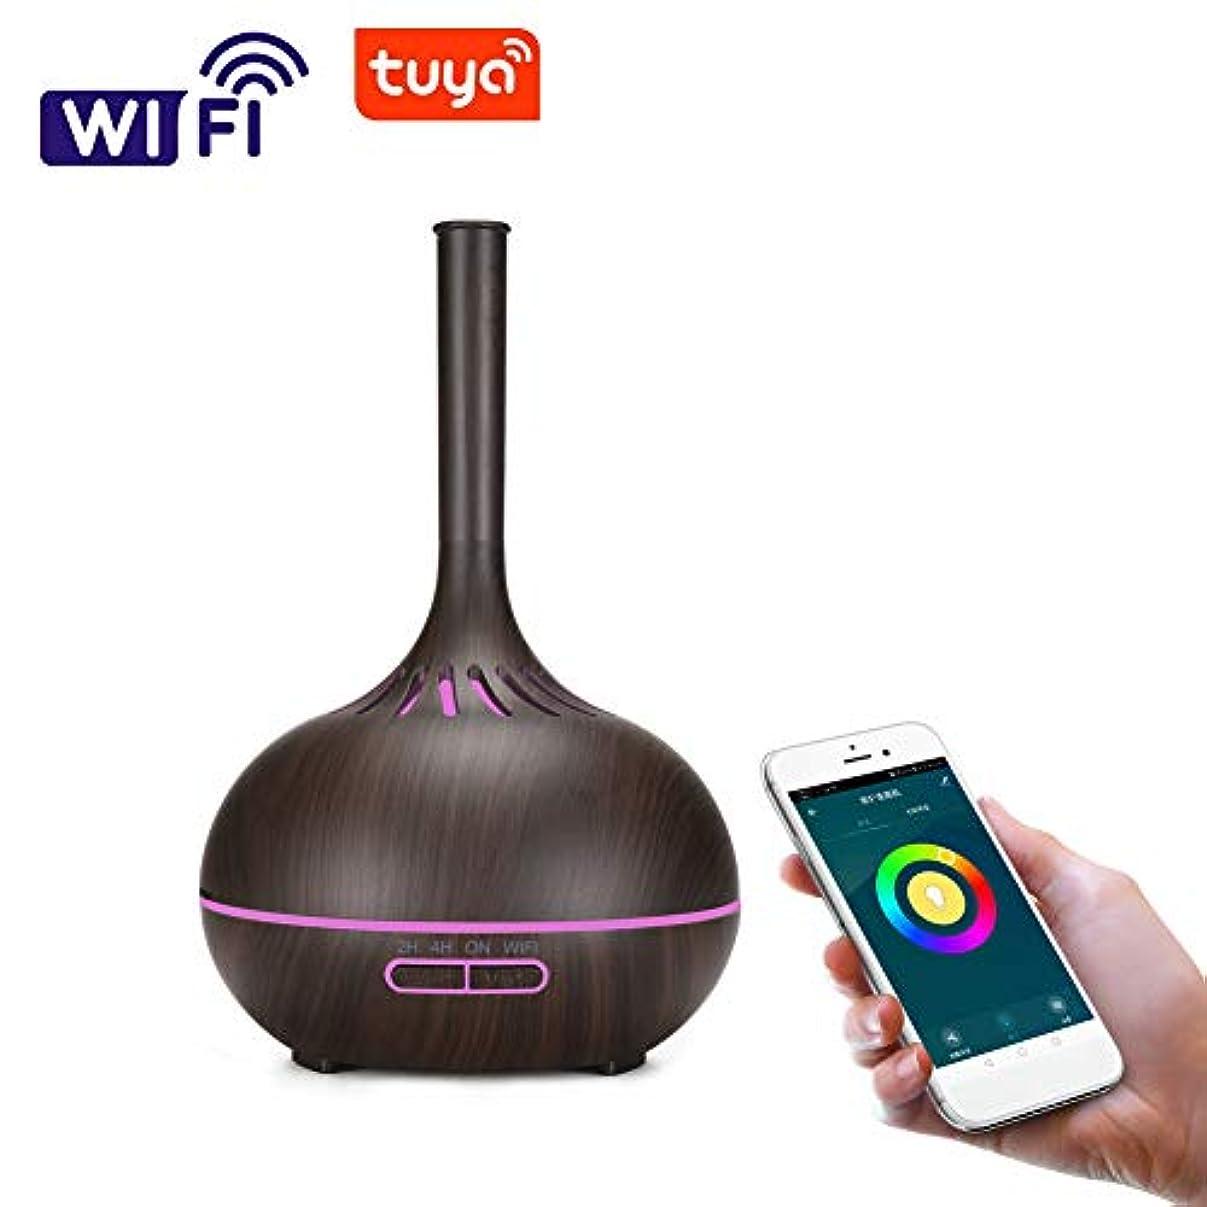 スマッシュ絶妙キャンプ木目 涼しい霧 超音波式 加湿器,wifi 7 色 香り 精油 ディフューザー 調整可能 空気加湿器 アロマネブライザー ホーム Yoga オフィス- 400ml